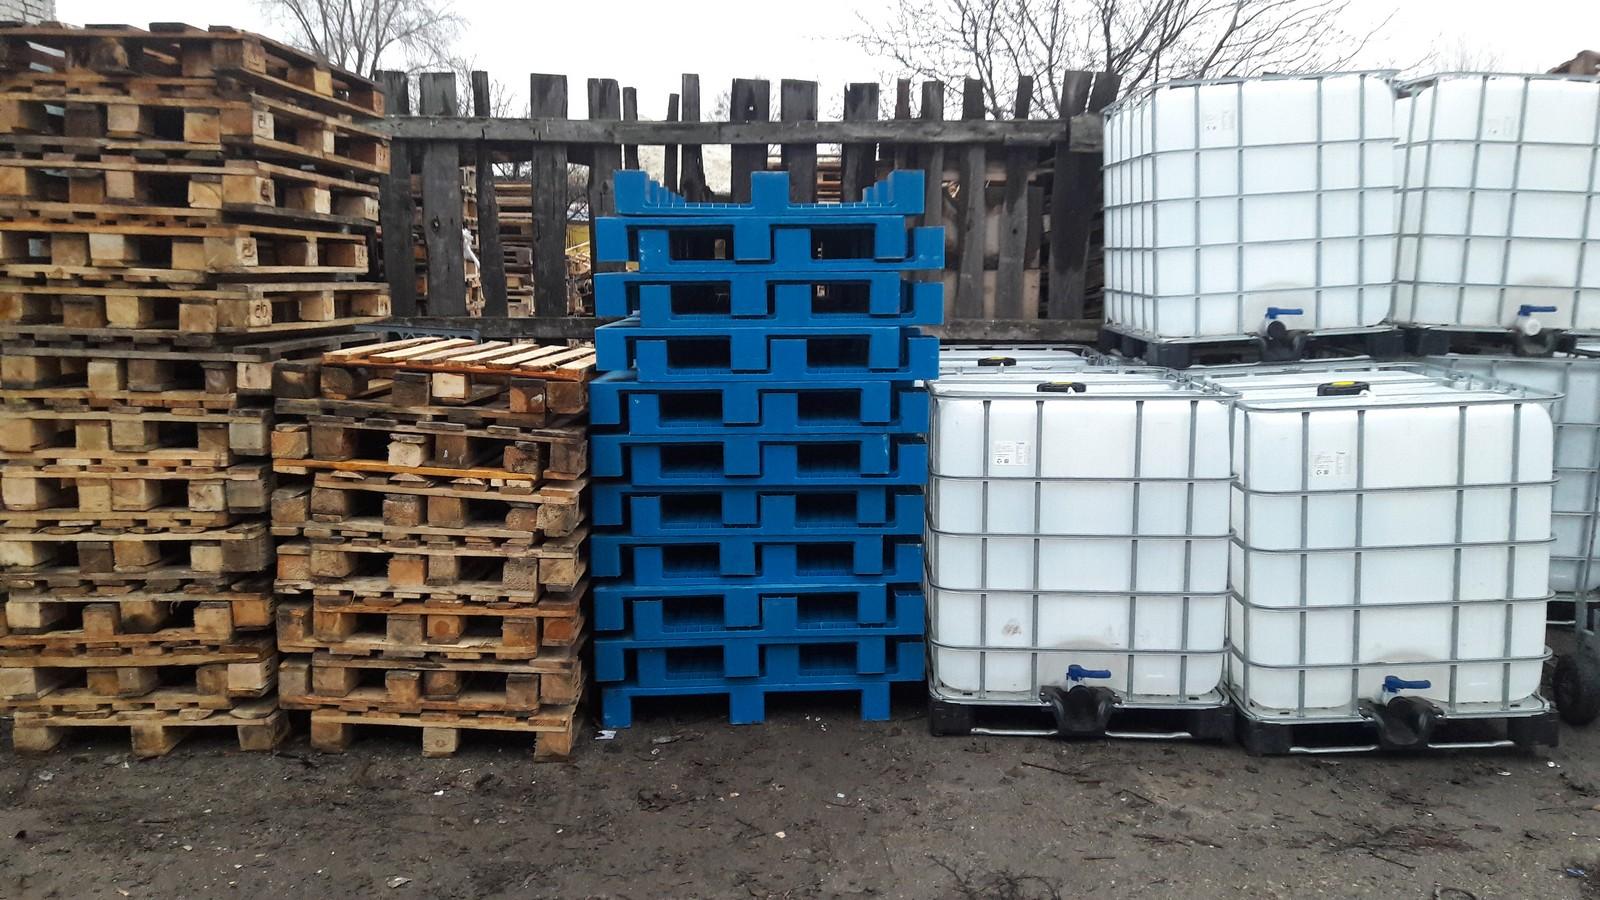 №19010 Еврокуб ( IBC-контейнер ) 1000 л, европоддоны, бочки. Евротара-Харьков.